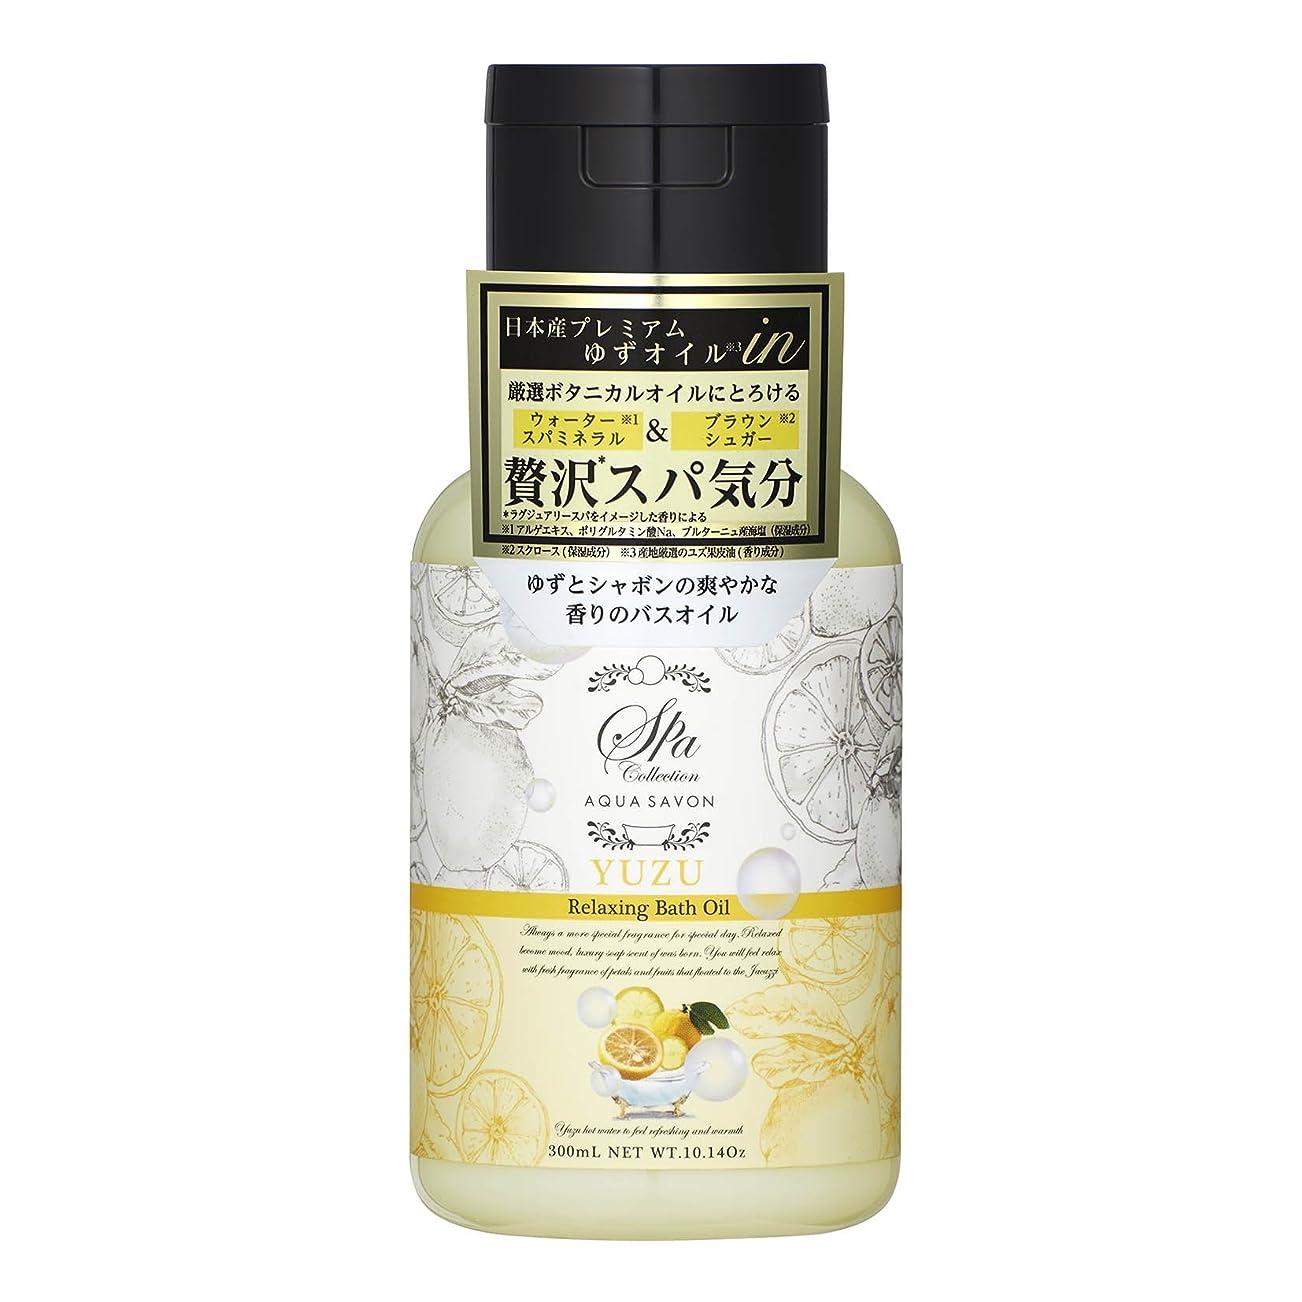 銛敏感な関連付けるアクアシャボン スパコレクション リラクシングバスオイル ゆずスパの香り 300mL